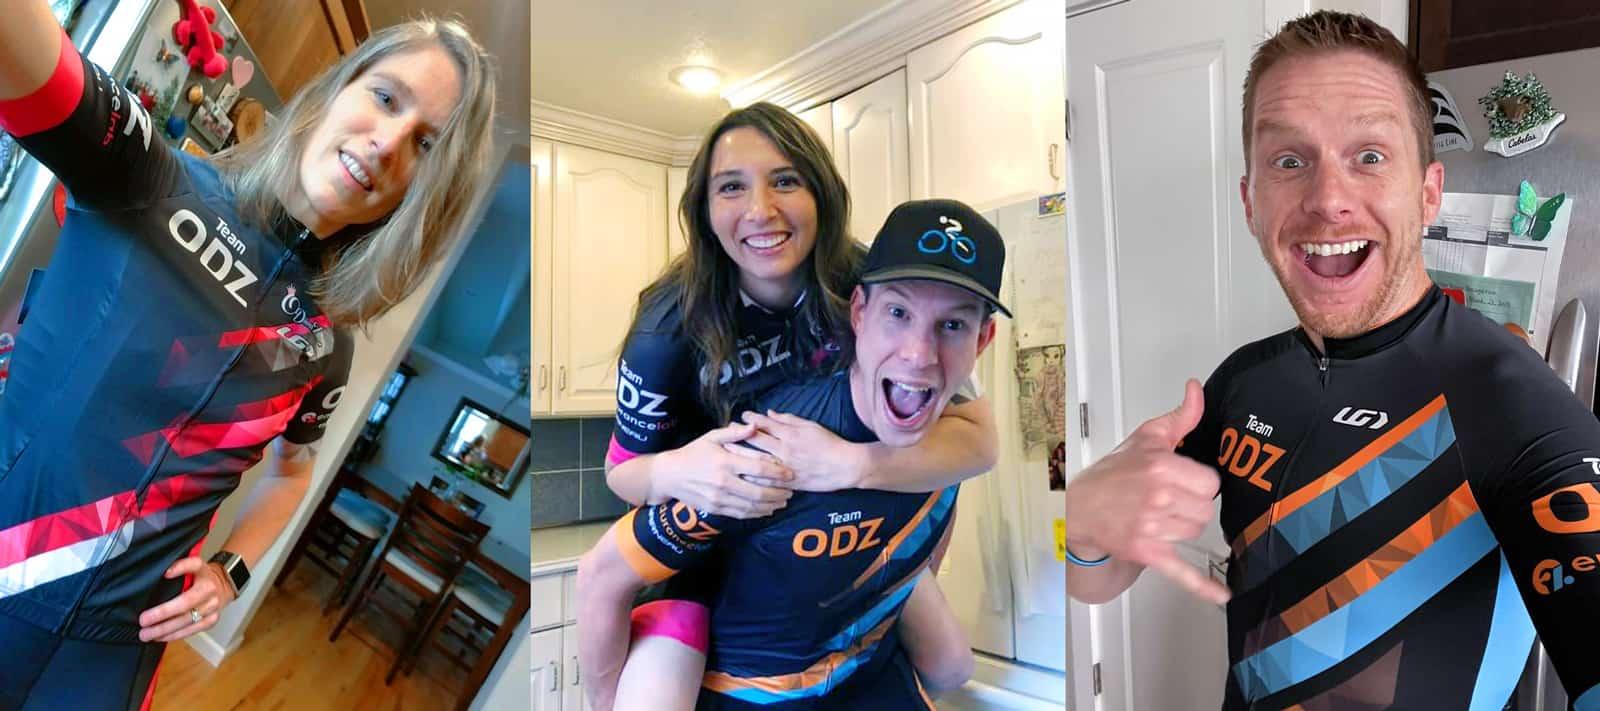 Happy cyclists wearing ODZ kit